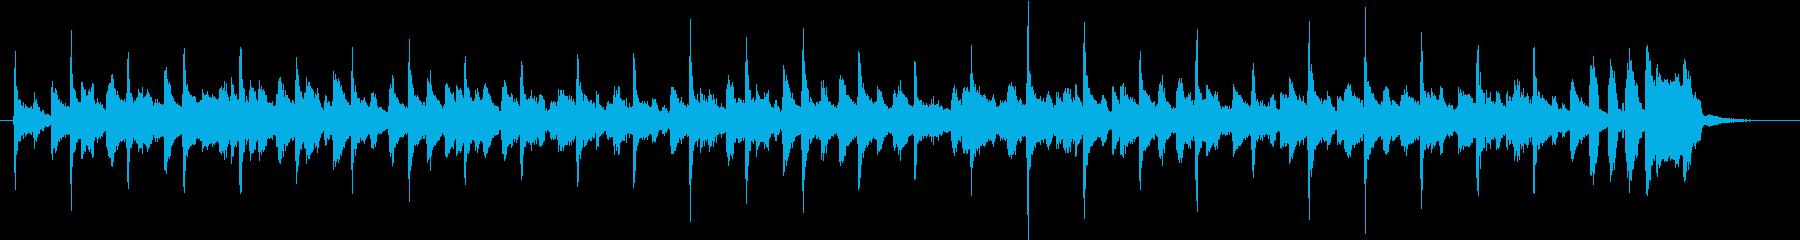 可愛い雰囲気のジャズソングの再生済みの波形